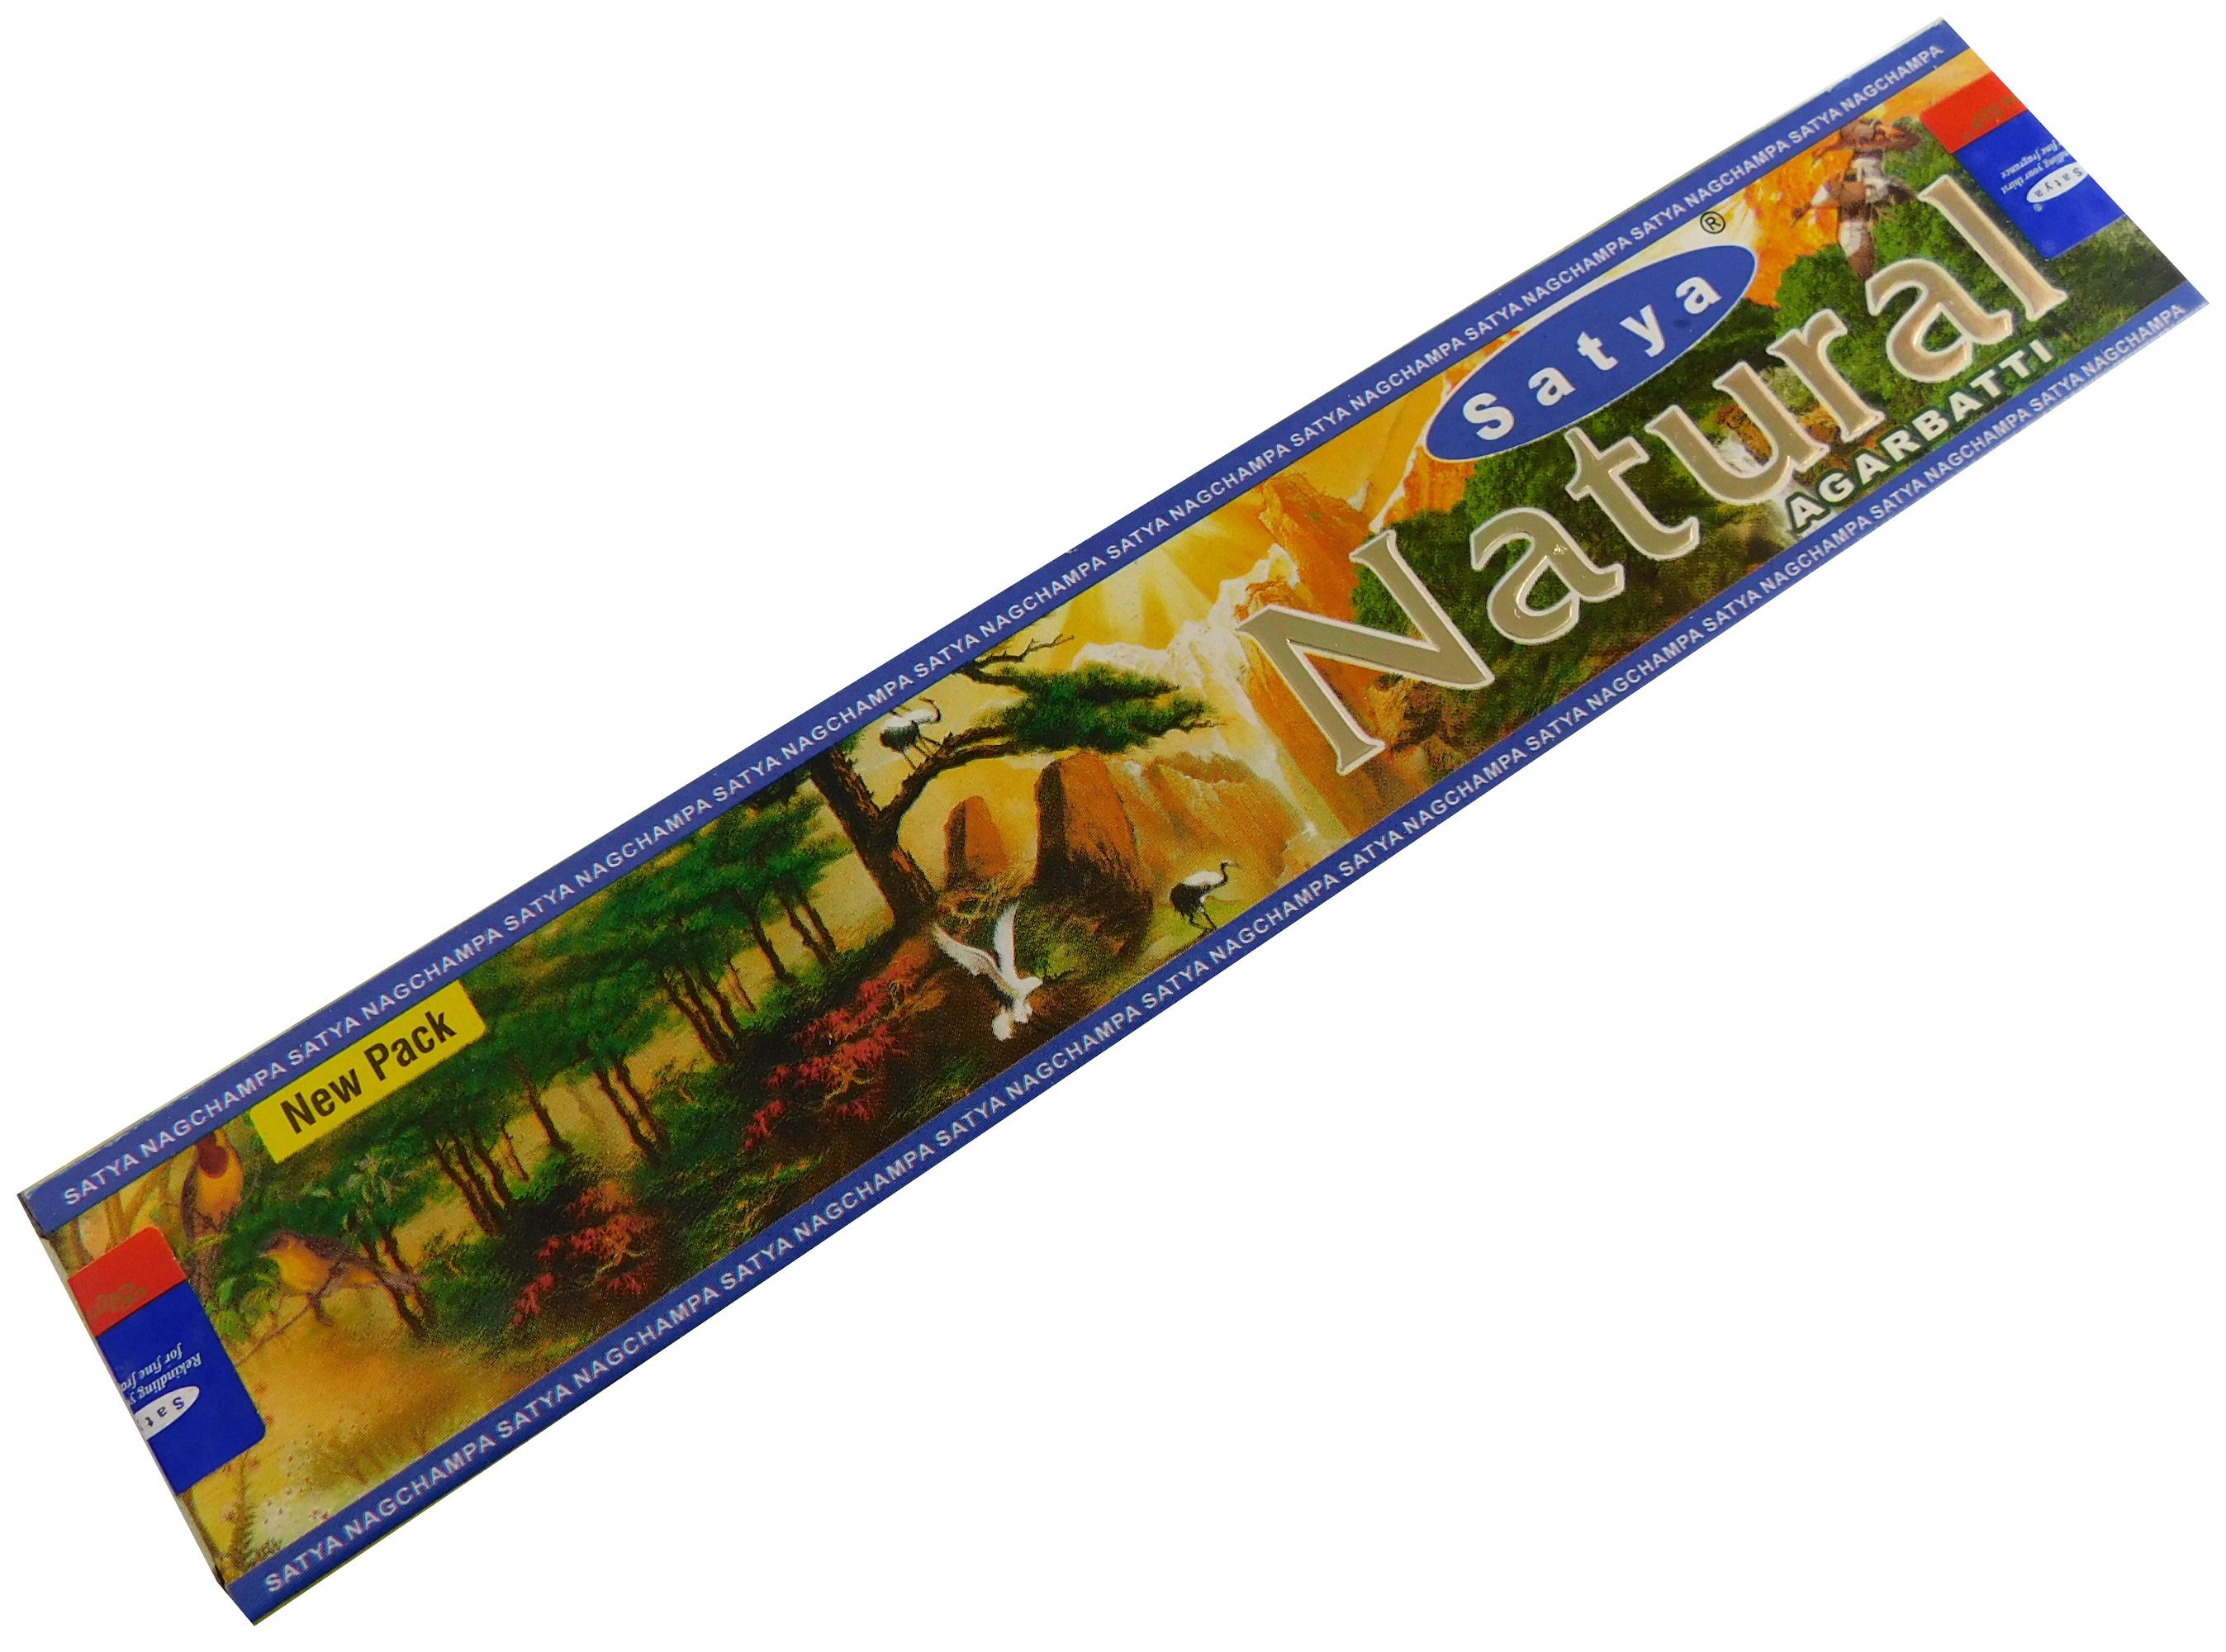 Räucherstäbchen Natural von Satya 15g Packung. Ca. 15 Incence Sticks